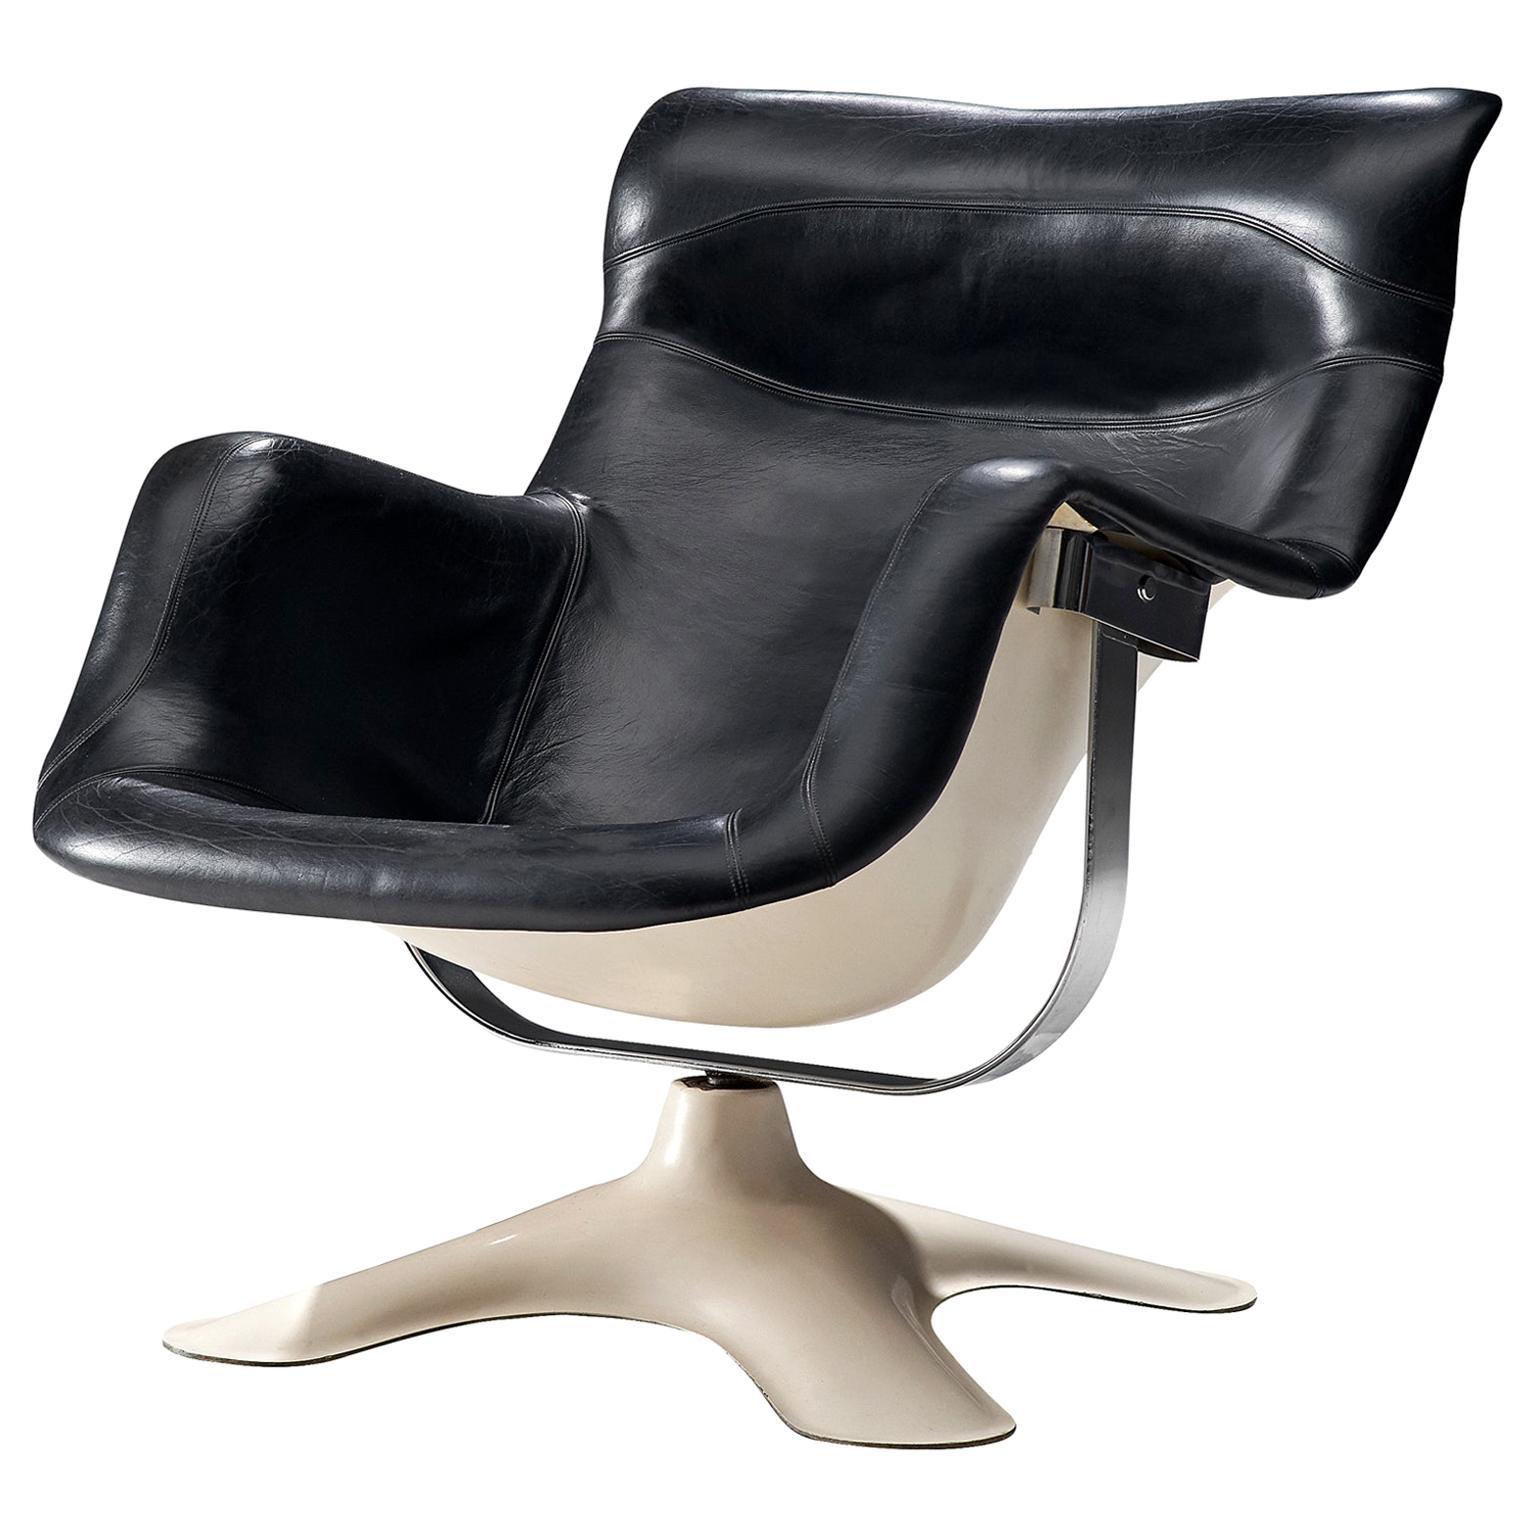 Yrjo Kukkapuro 'Karuselli' Lounge Chair in Black Leather Upholstery